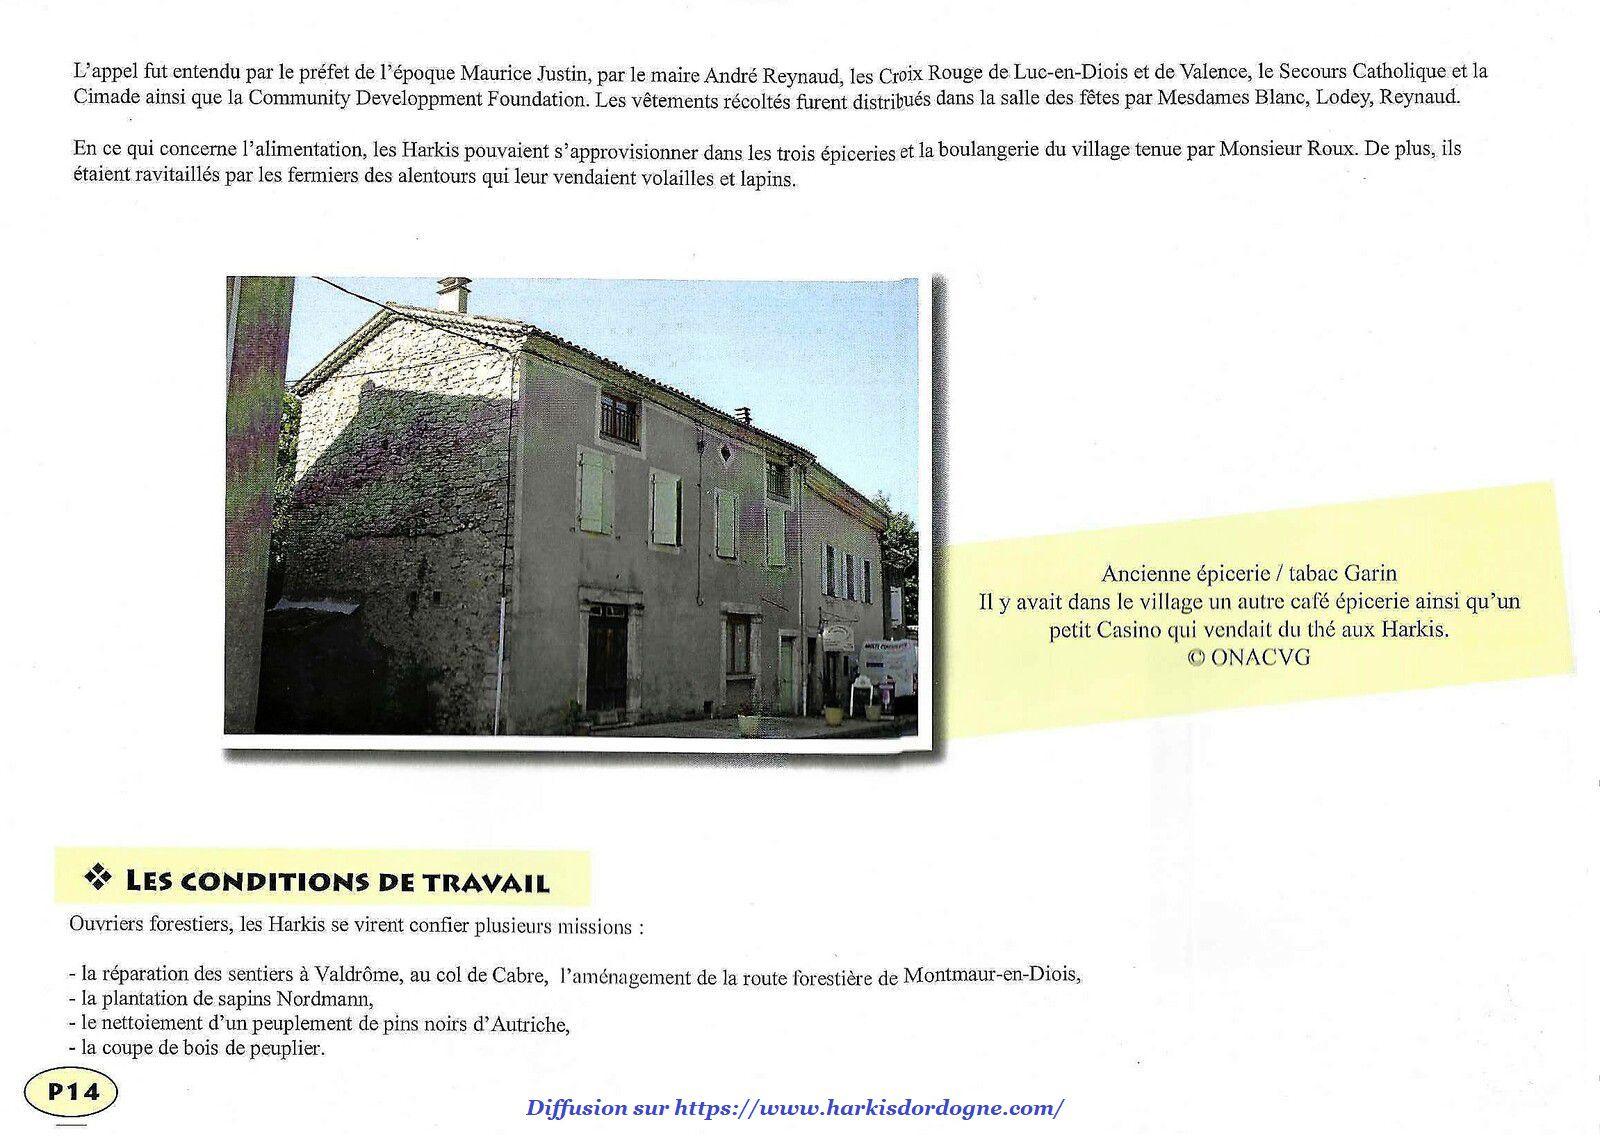 ONAVG de la Drôme (26) : Le hameau de forestage de Beaurières 1962-1975 de 8 à 14 sur 28